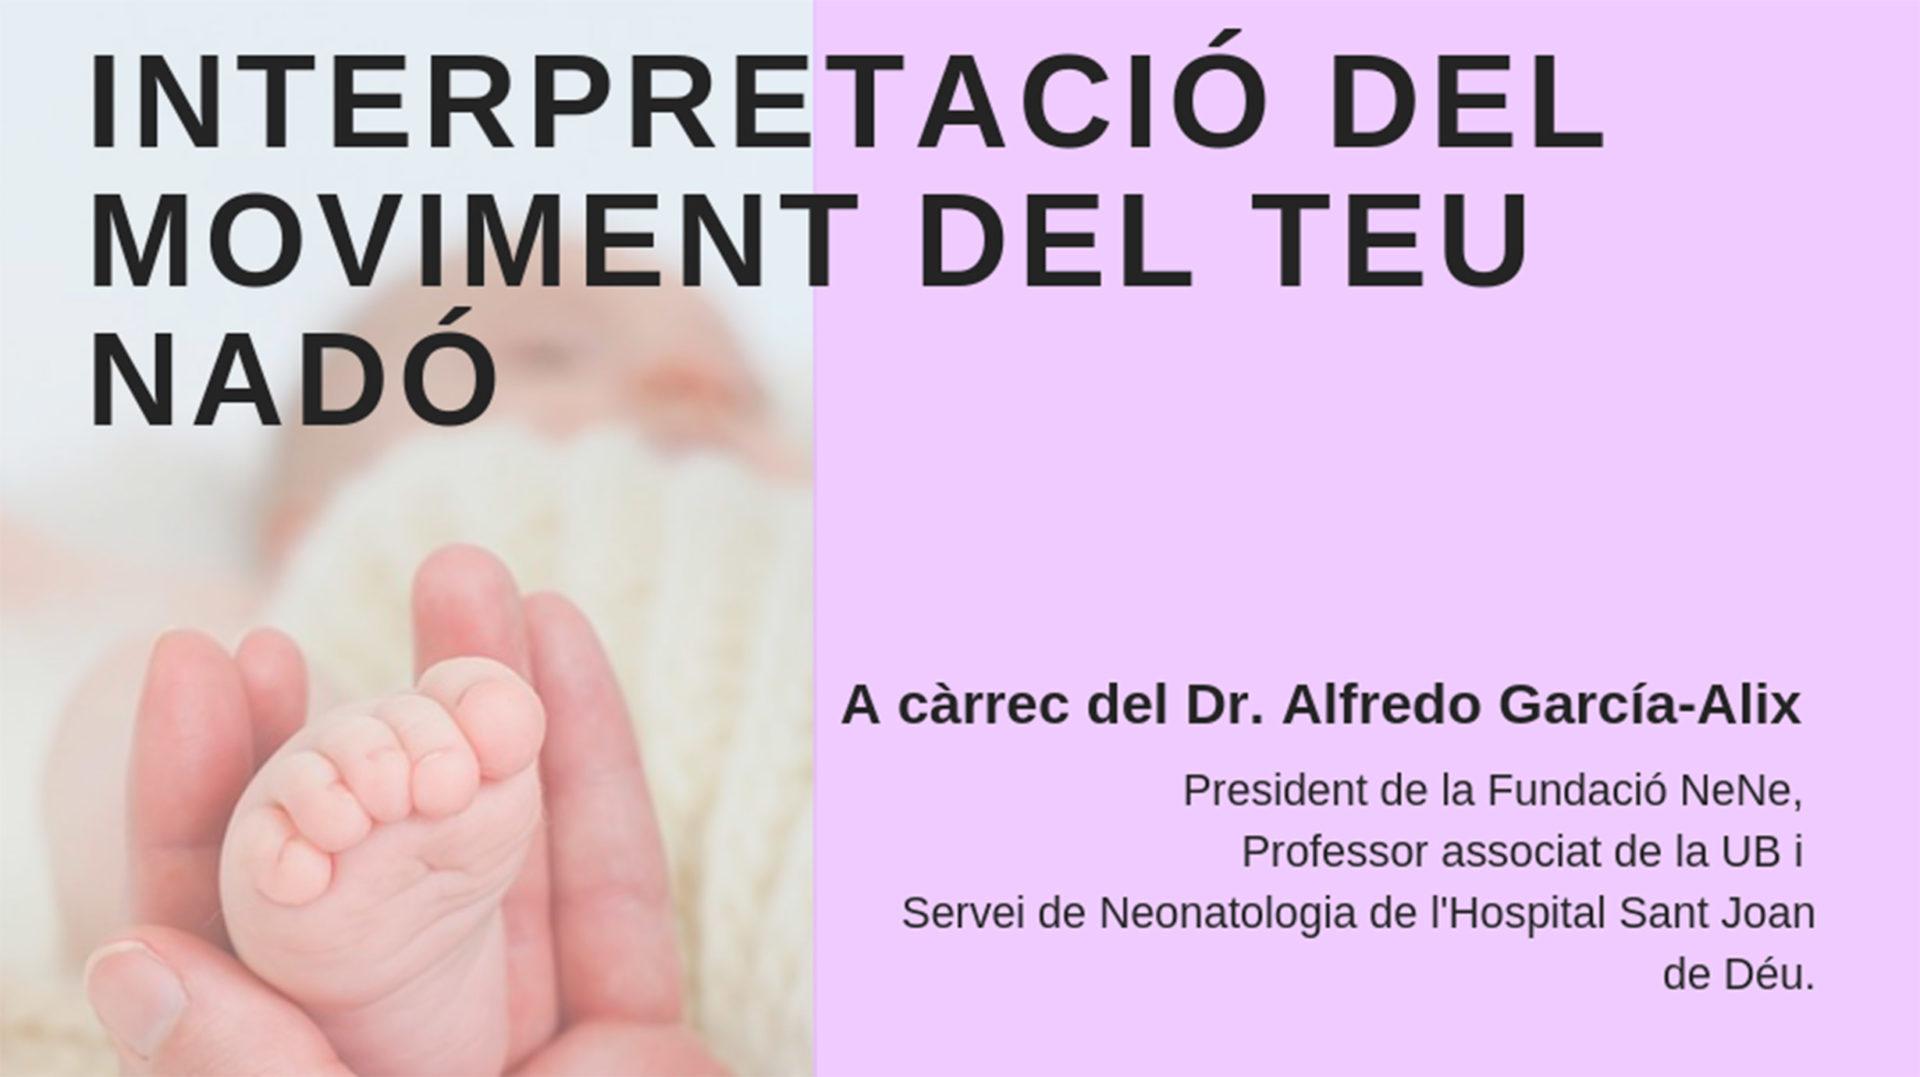 Interpretació del moviment del nadó